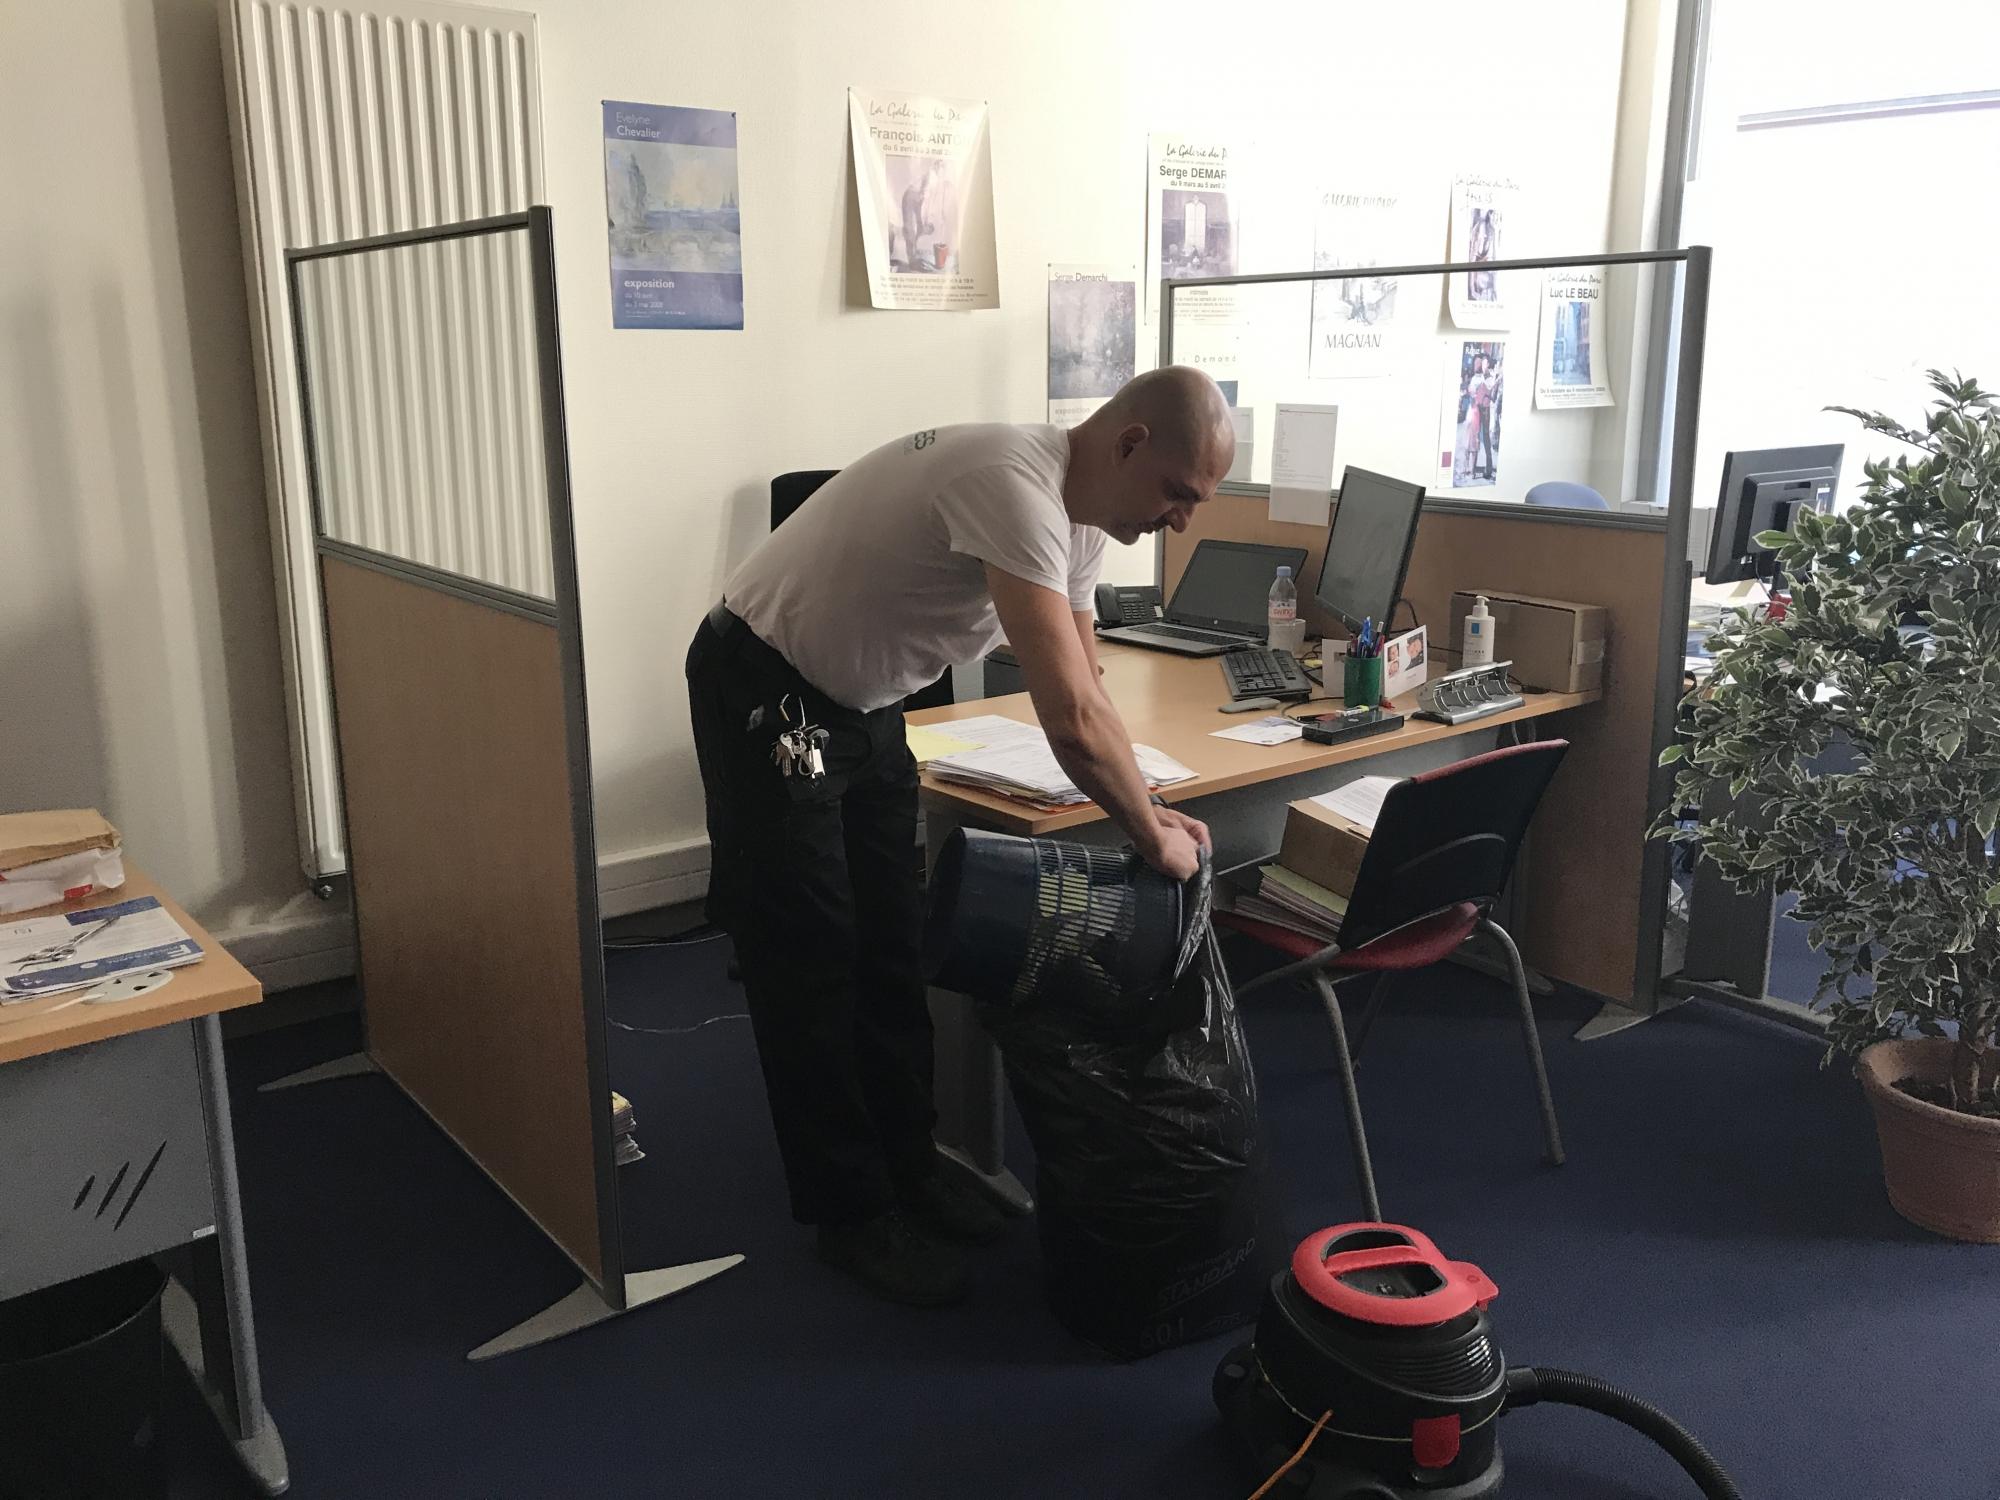 Société de nettoyage industriel bureaux à montanay c